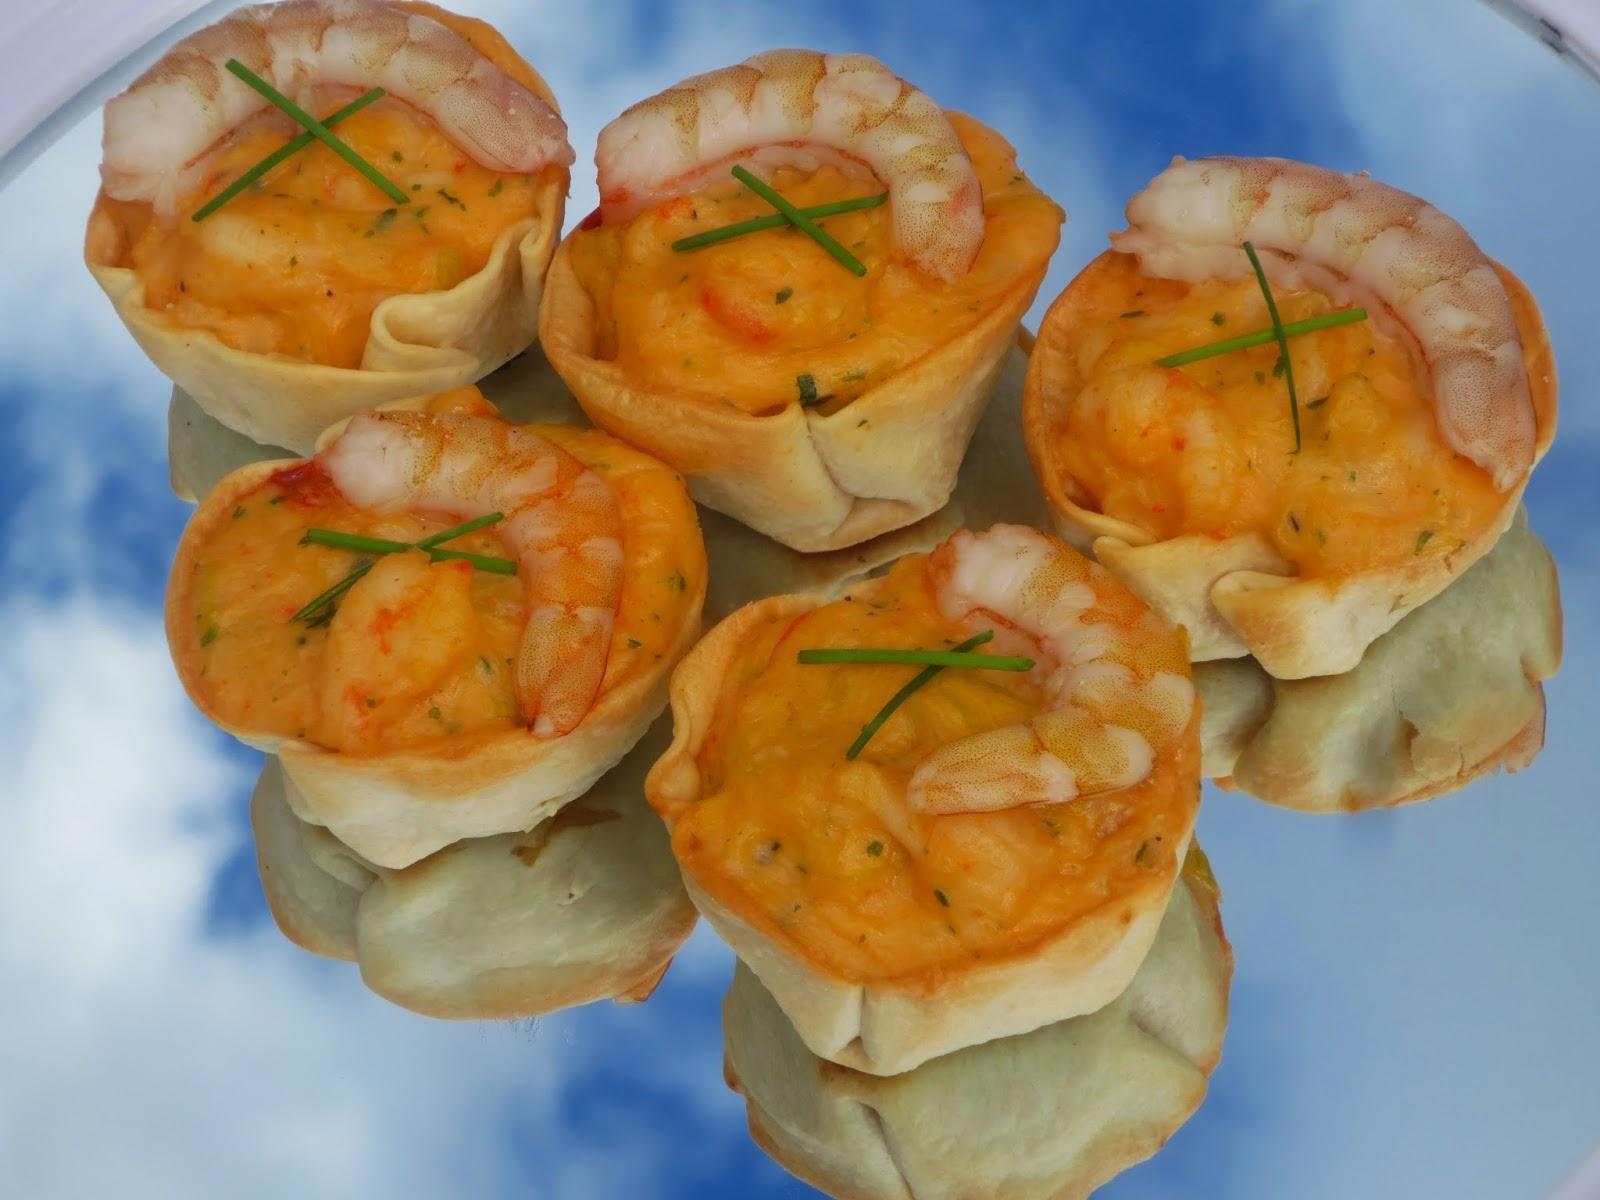 Pastelitos de gambas o langostinos Ana Sevilla cocina tradicional